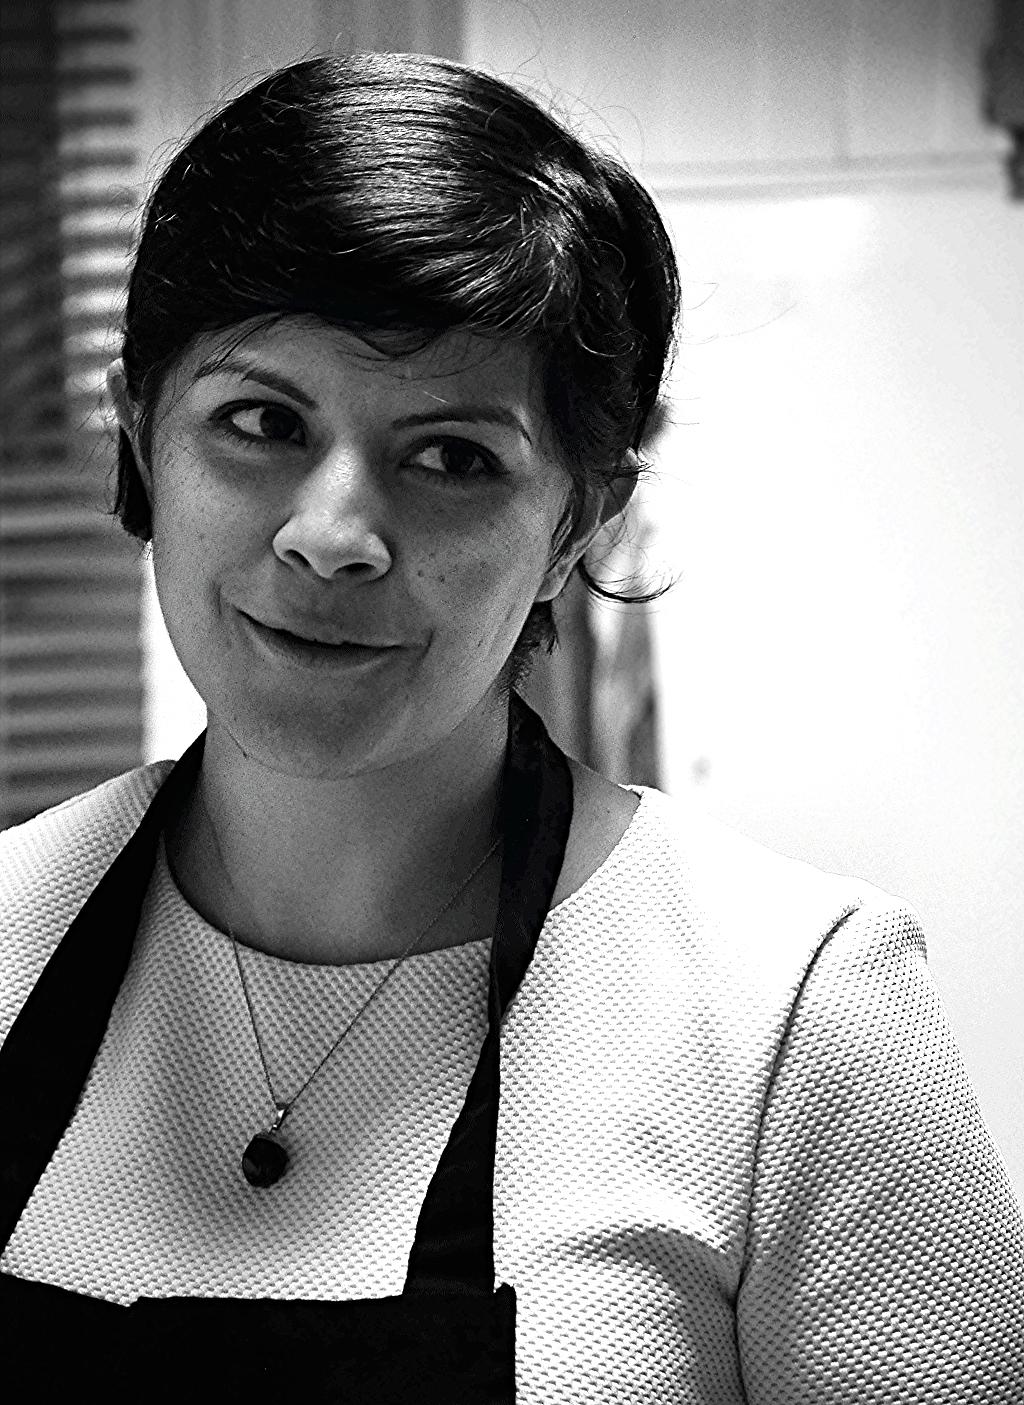 Liz Olivo